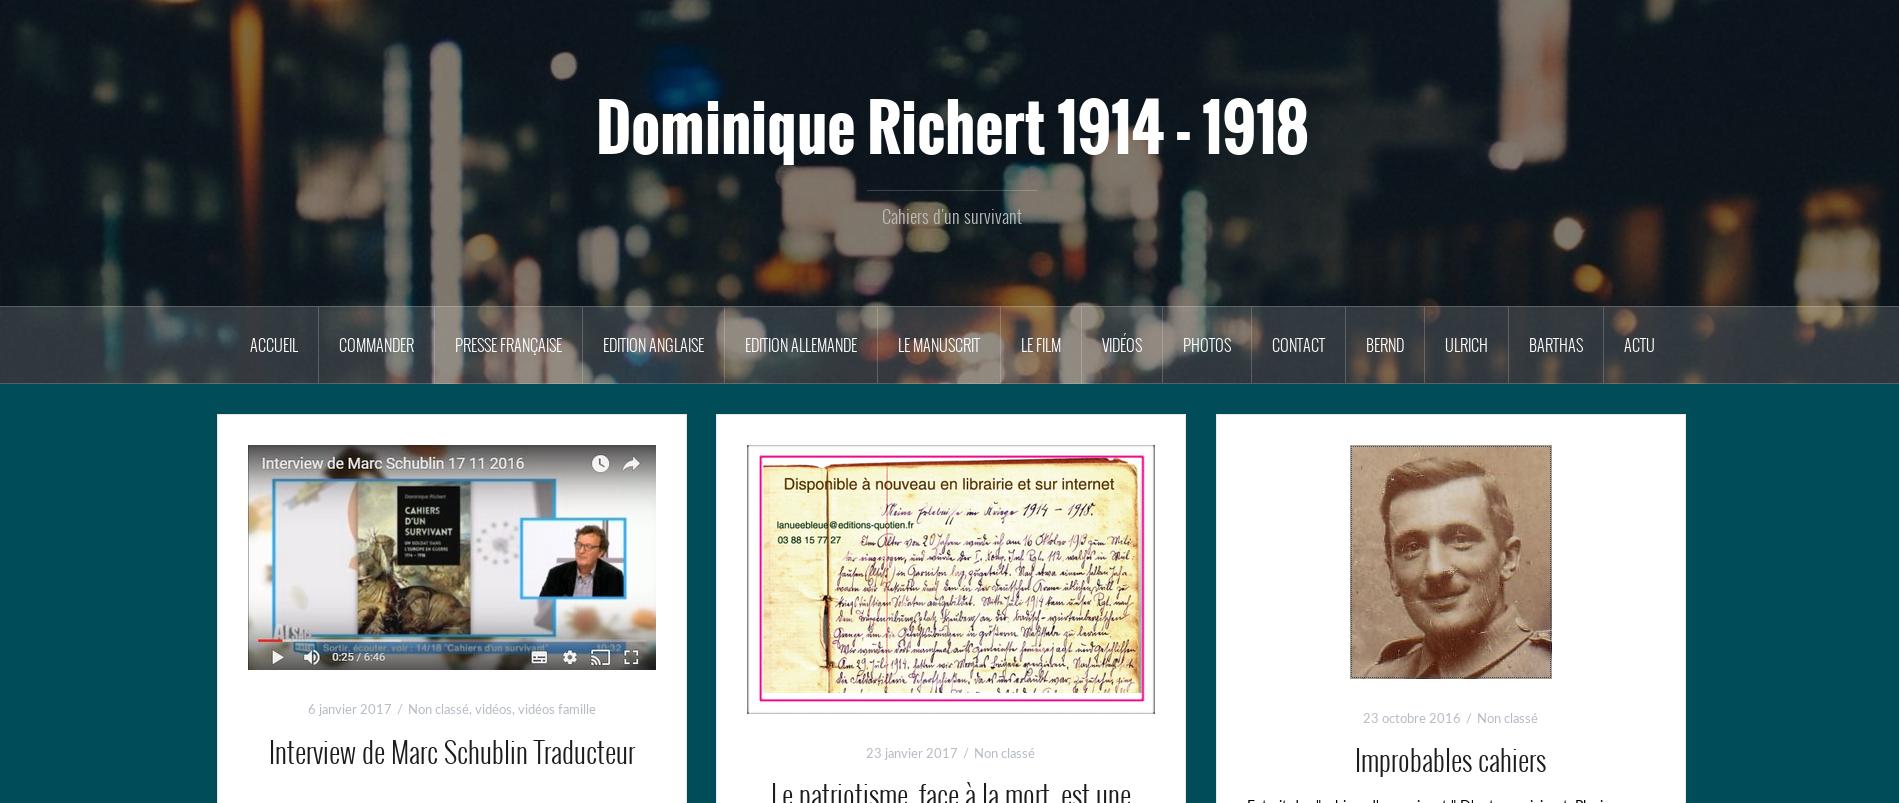 Dominique Richert sur Internet et Twitter !